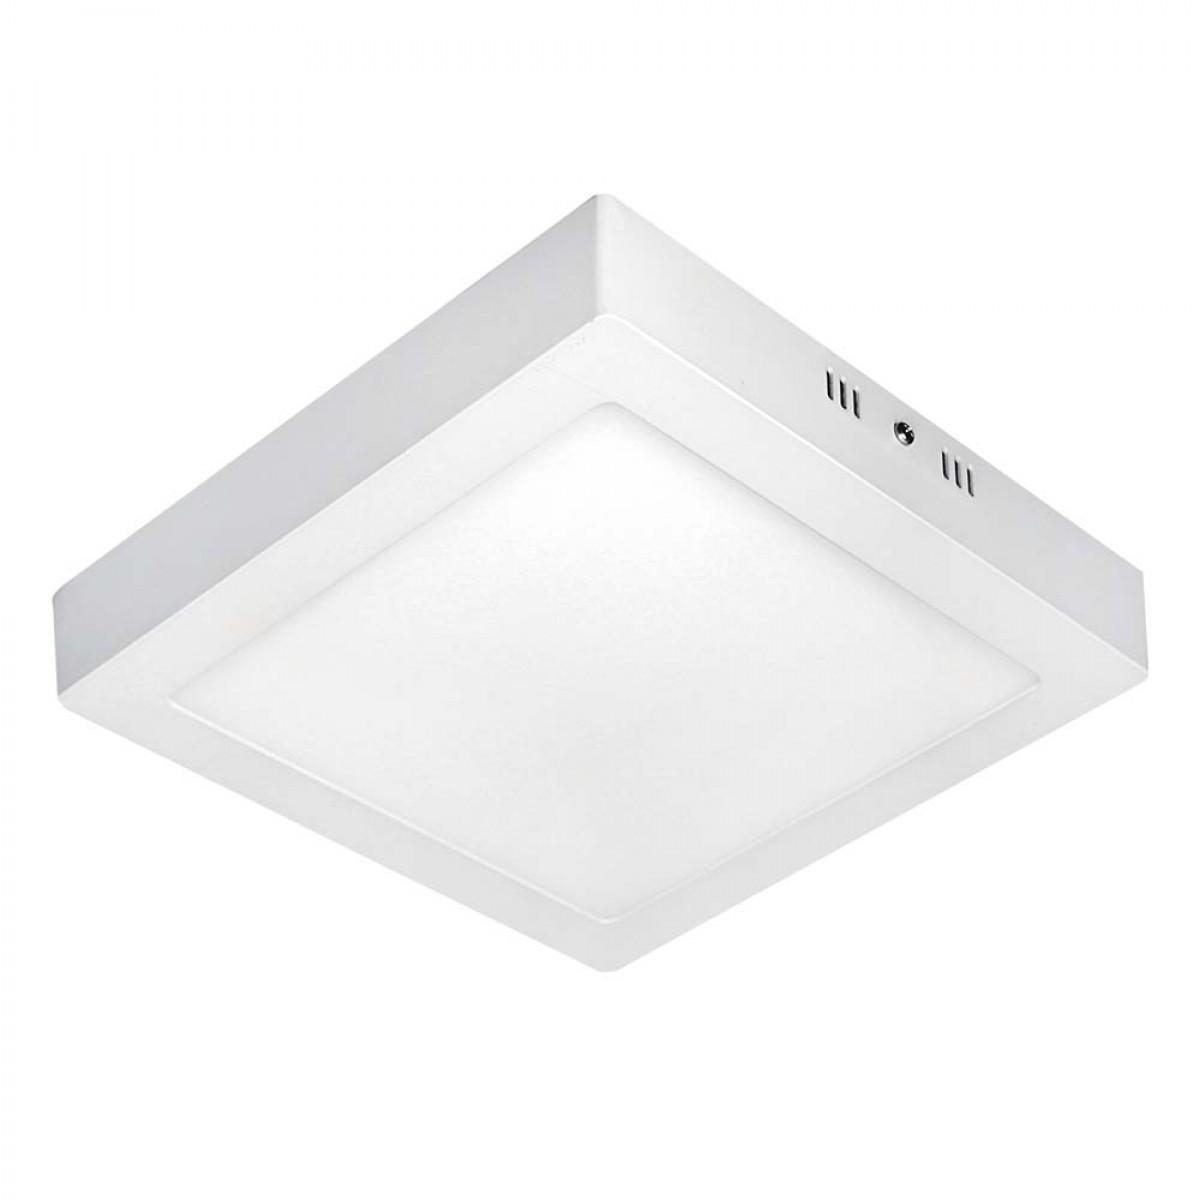 Plafon Led de Sobrepor Quadrado <br/>32W - 30 x 30 cm Branco Frio 6000K